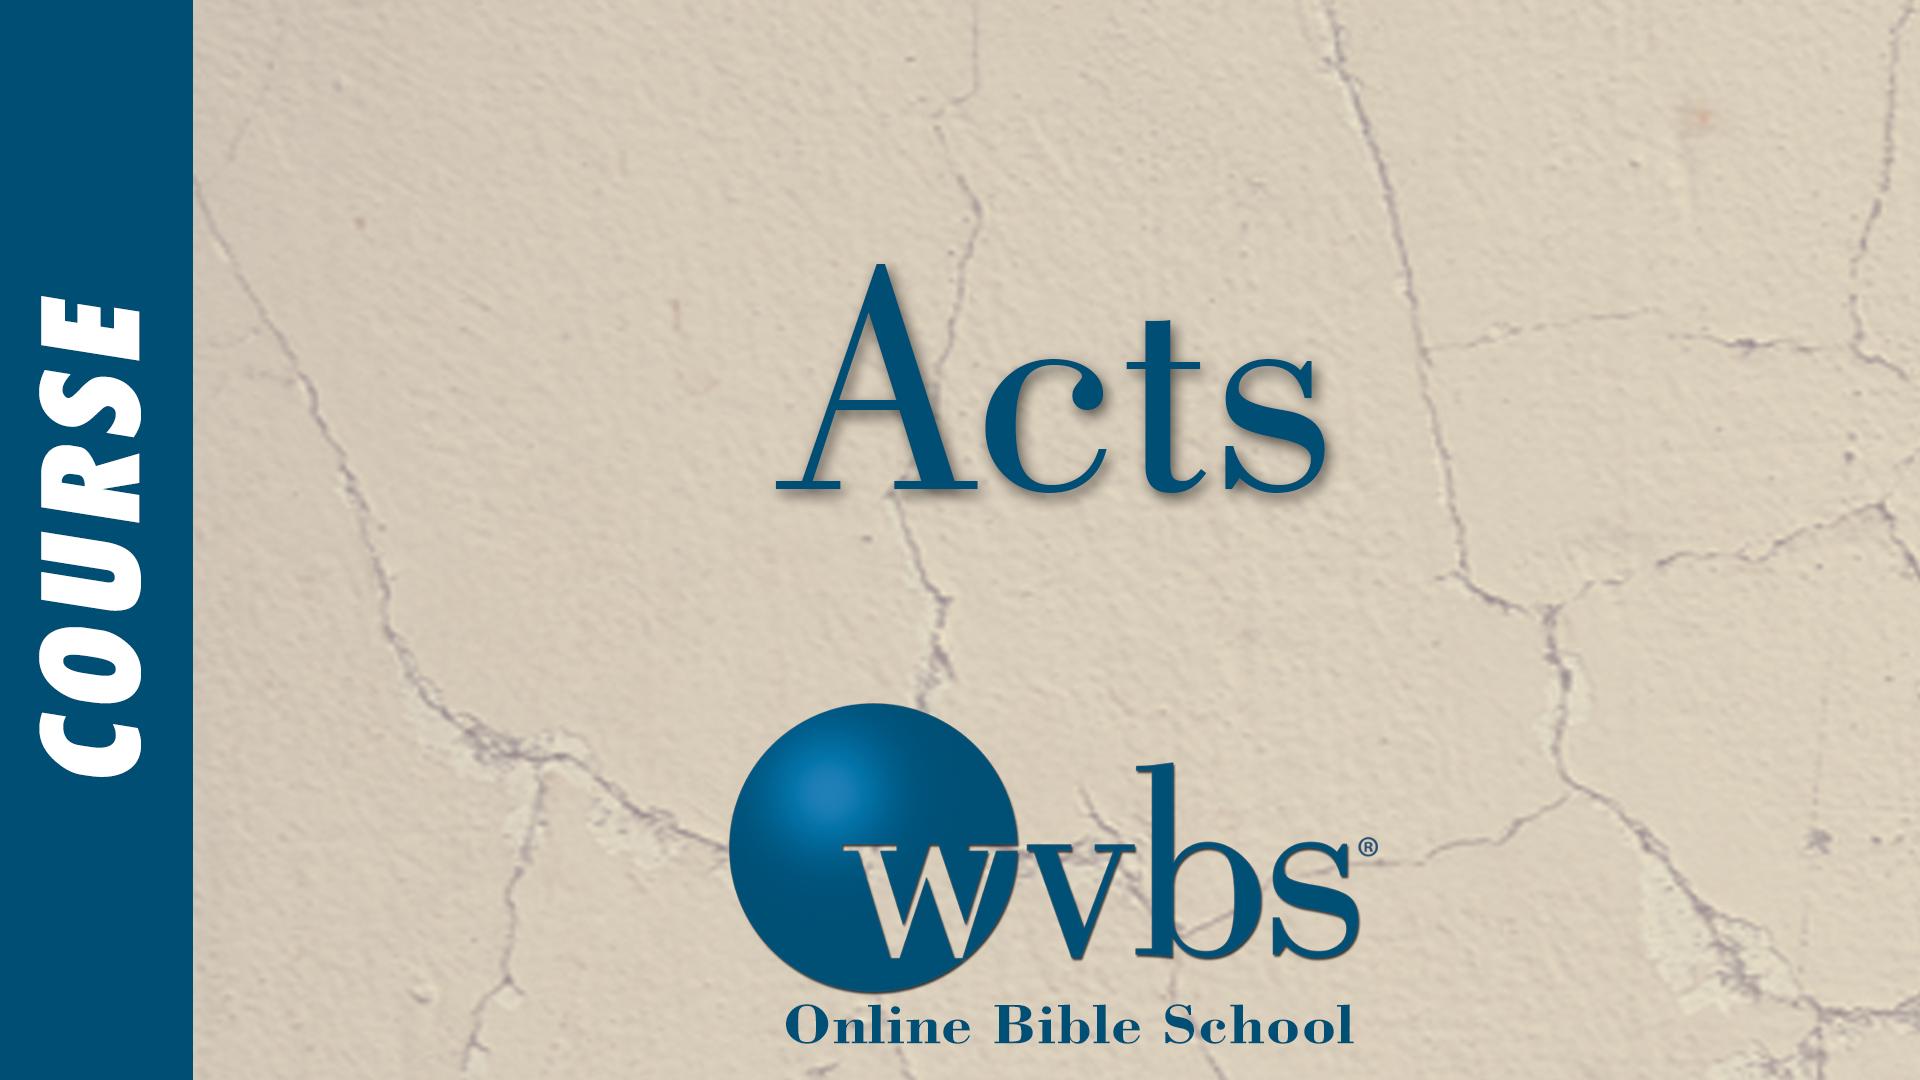 Acts (Online Bible School)